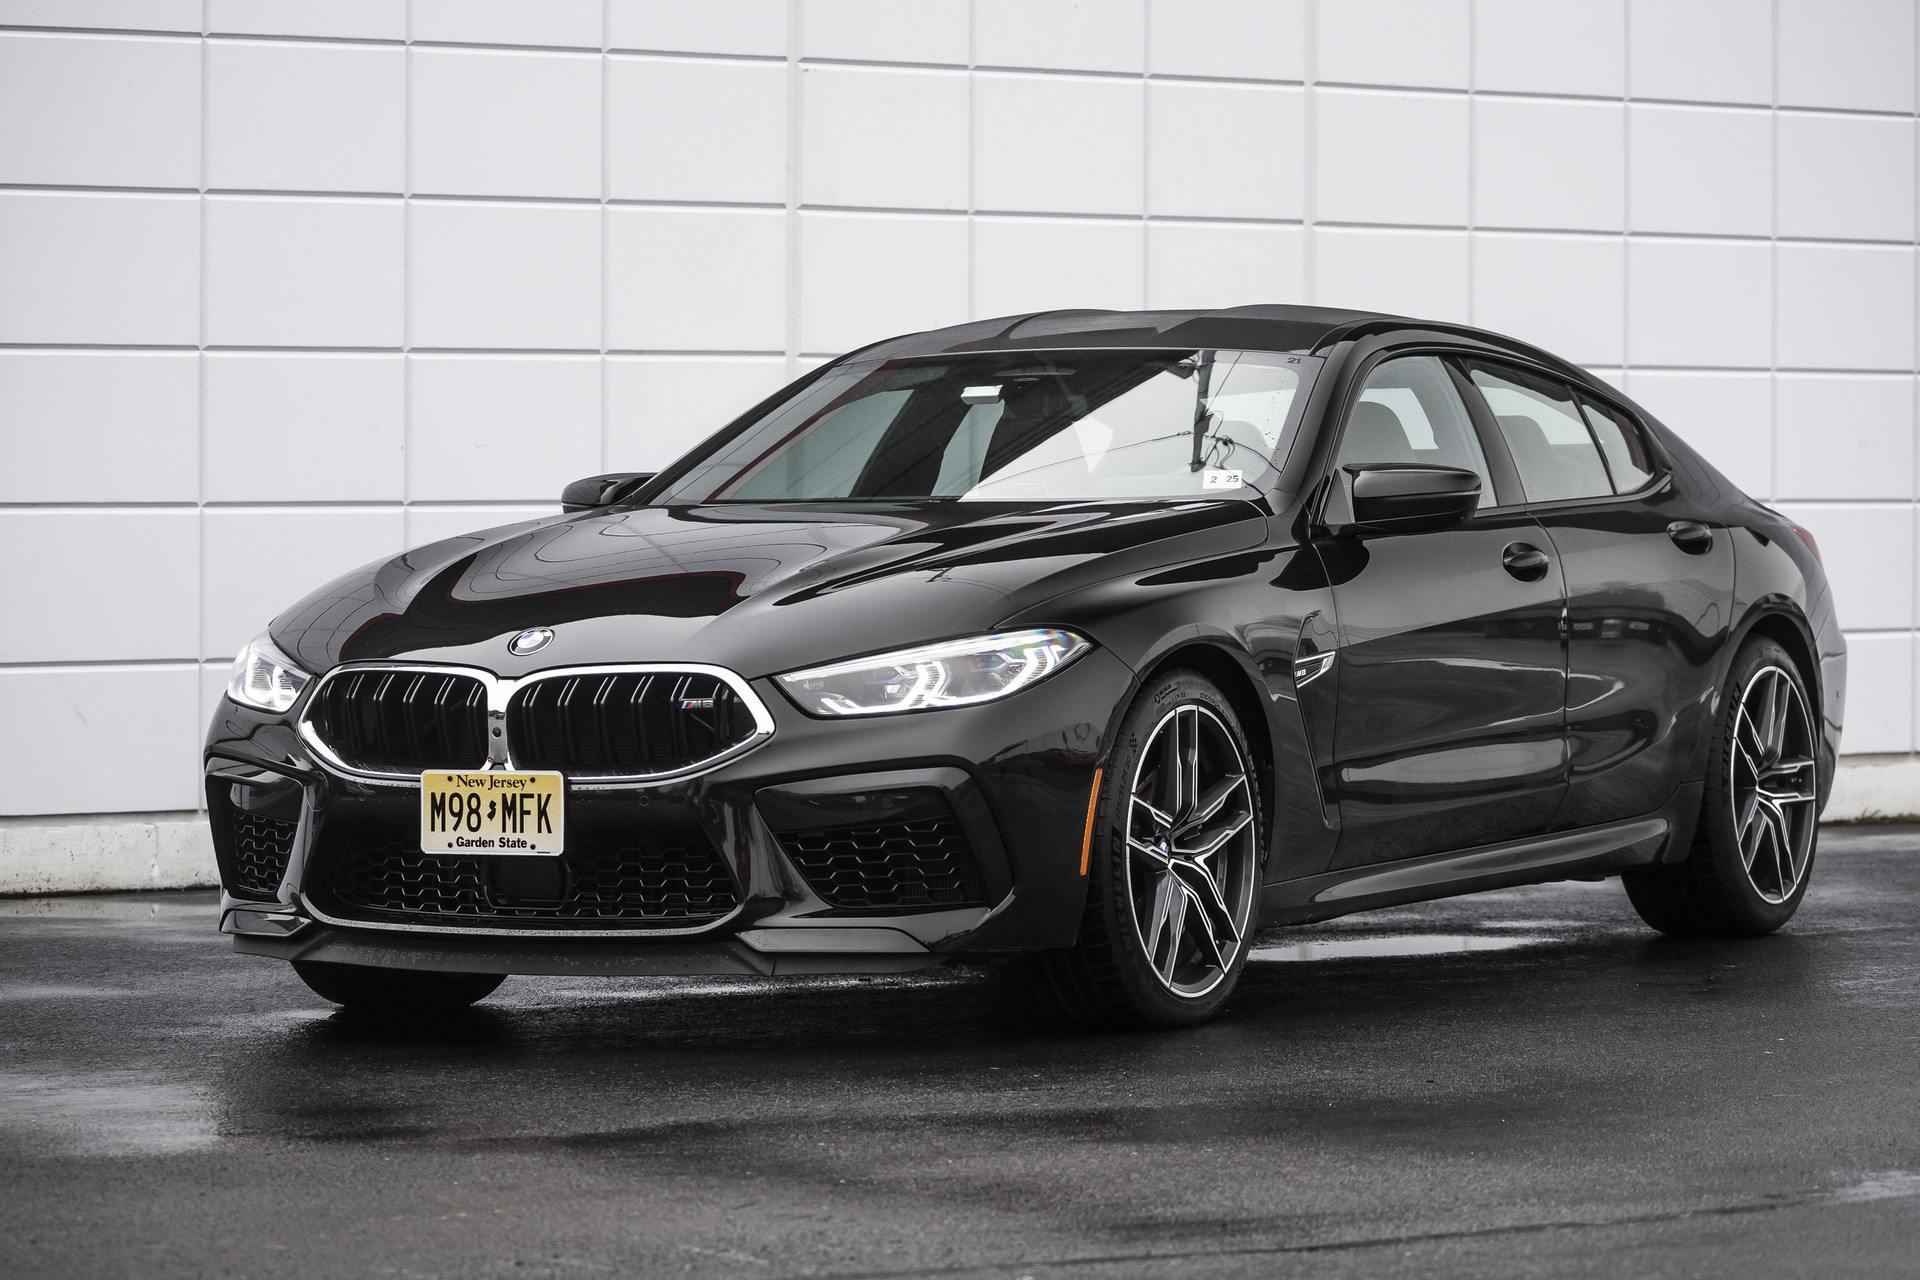 2020 BMW M8 Gran Coupe Almandine Brown II Metallic  12